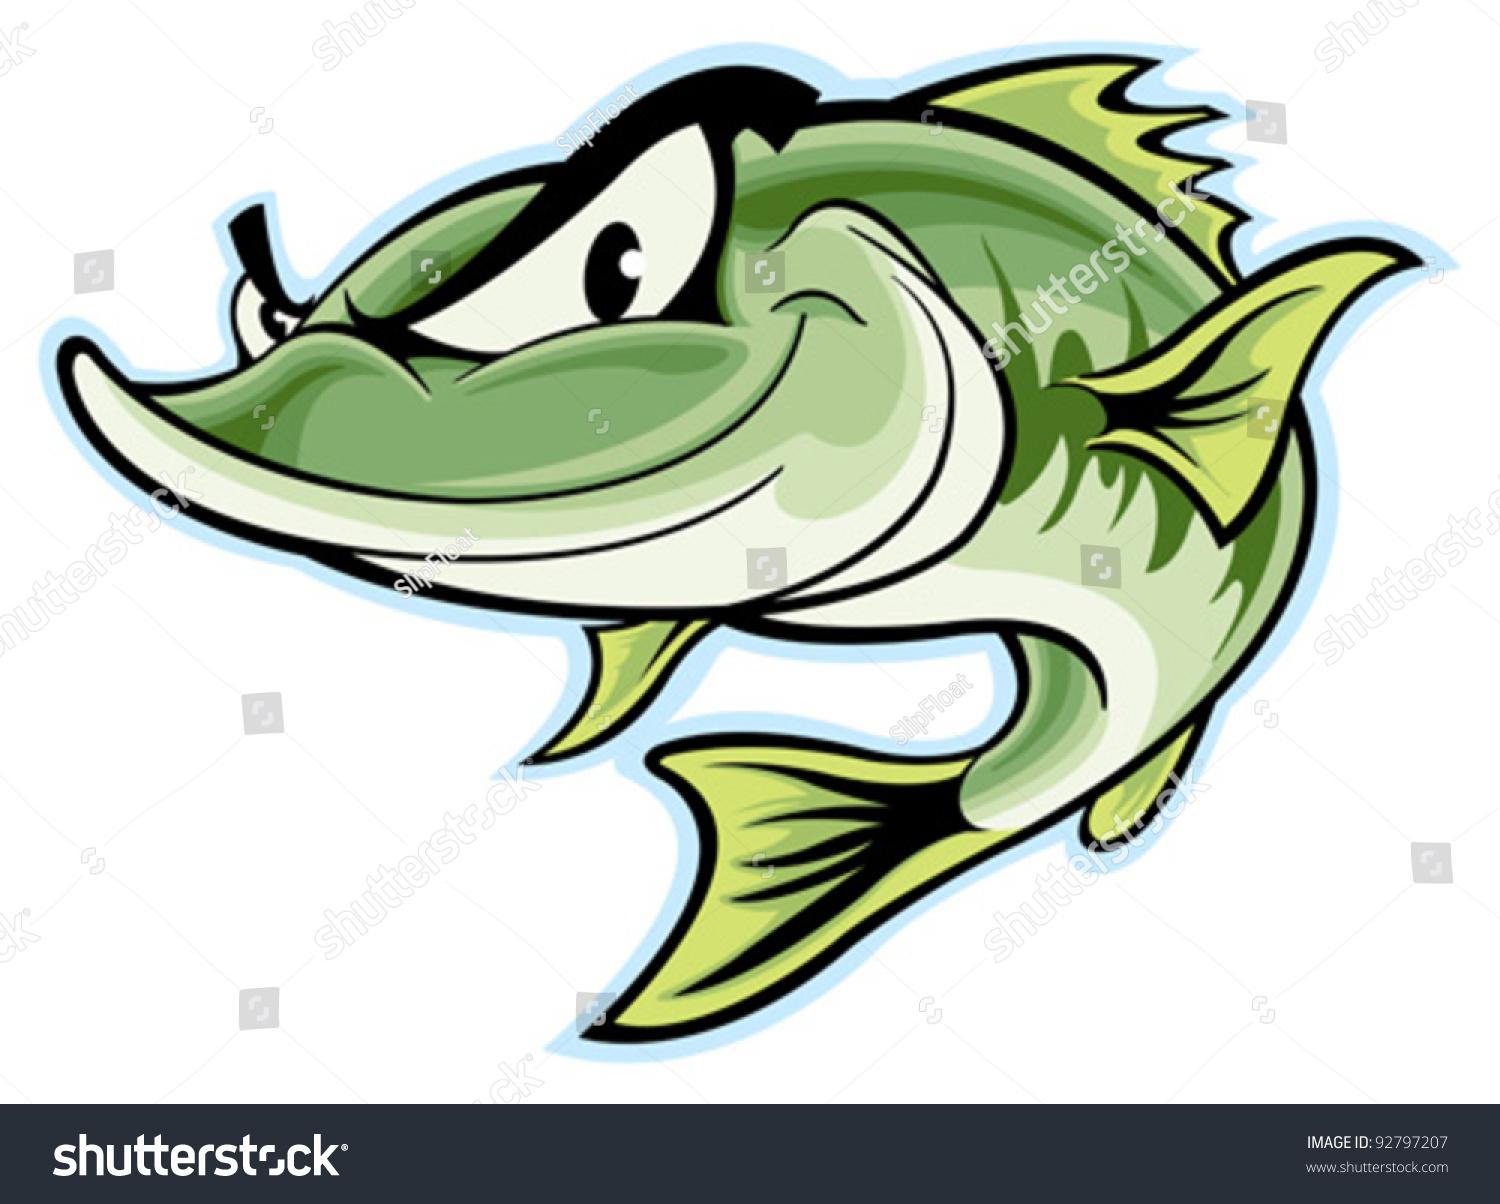 largemouth bass stock vector 92797207 shutterstock